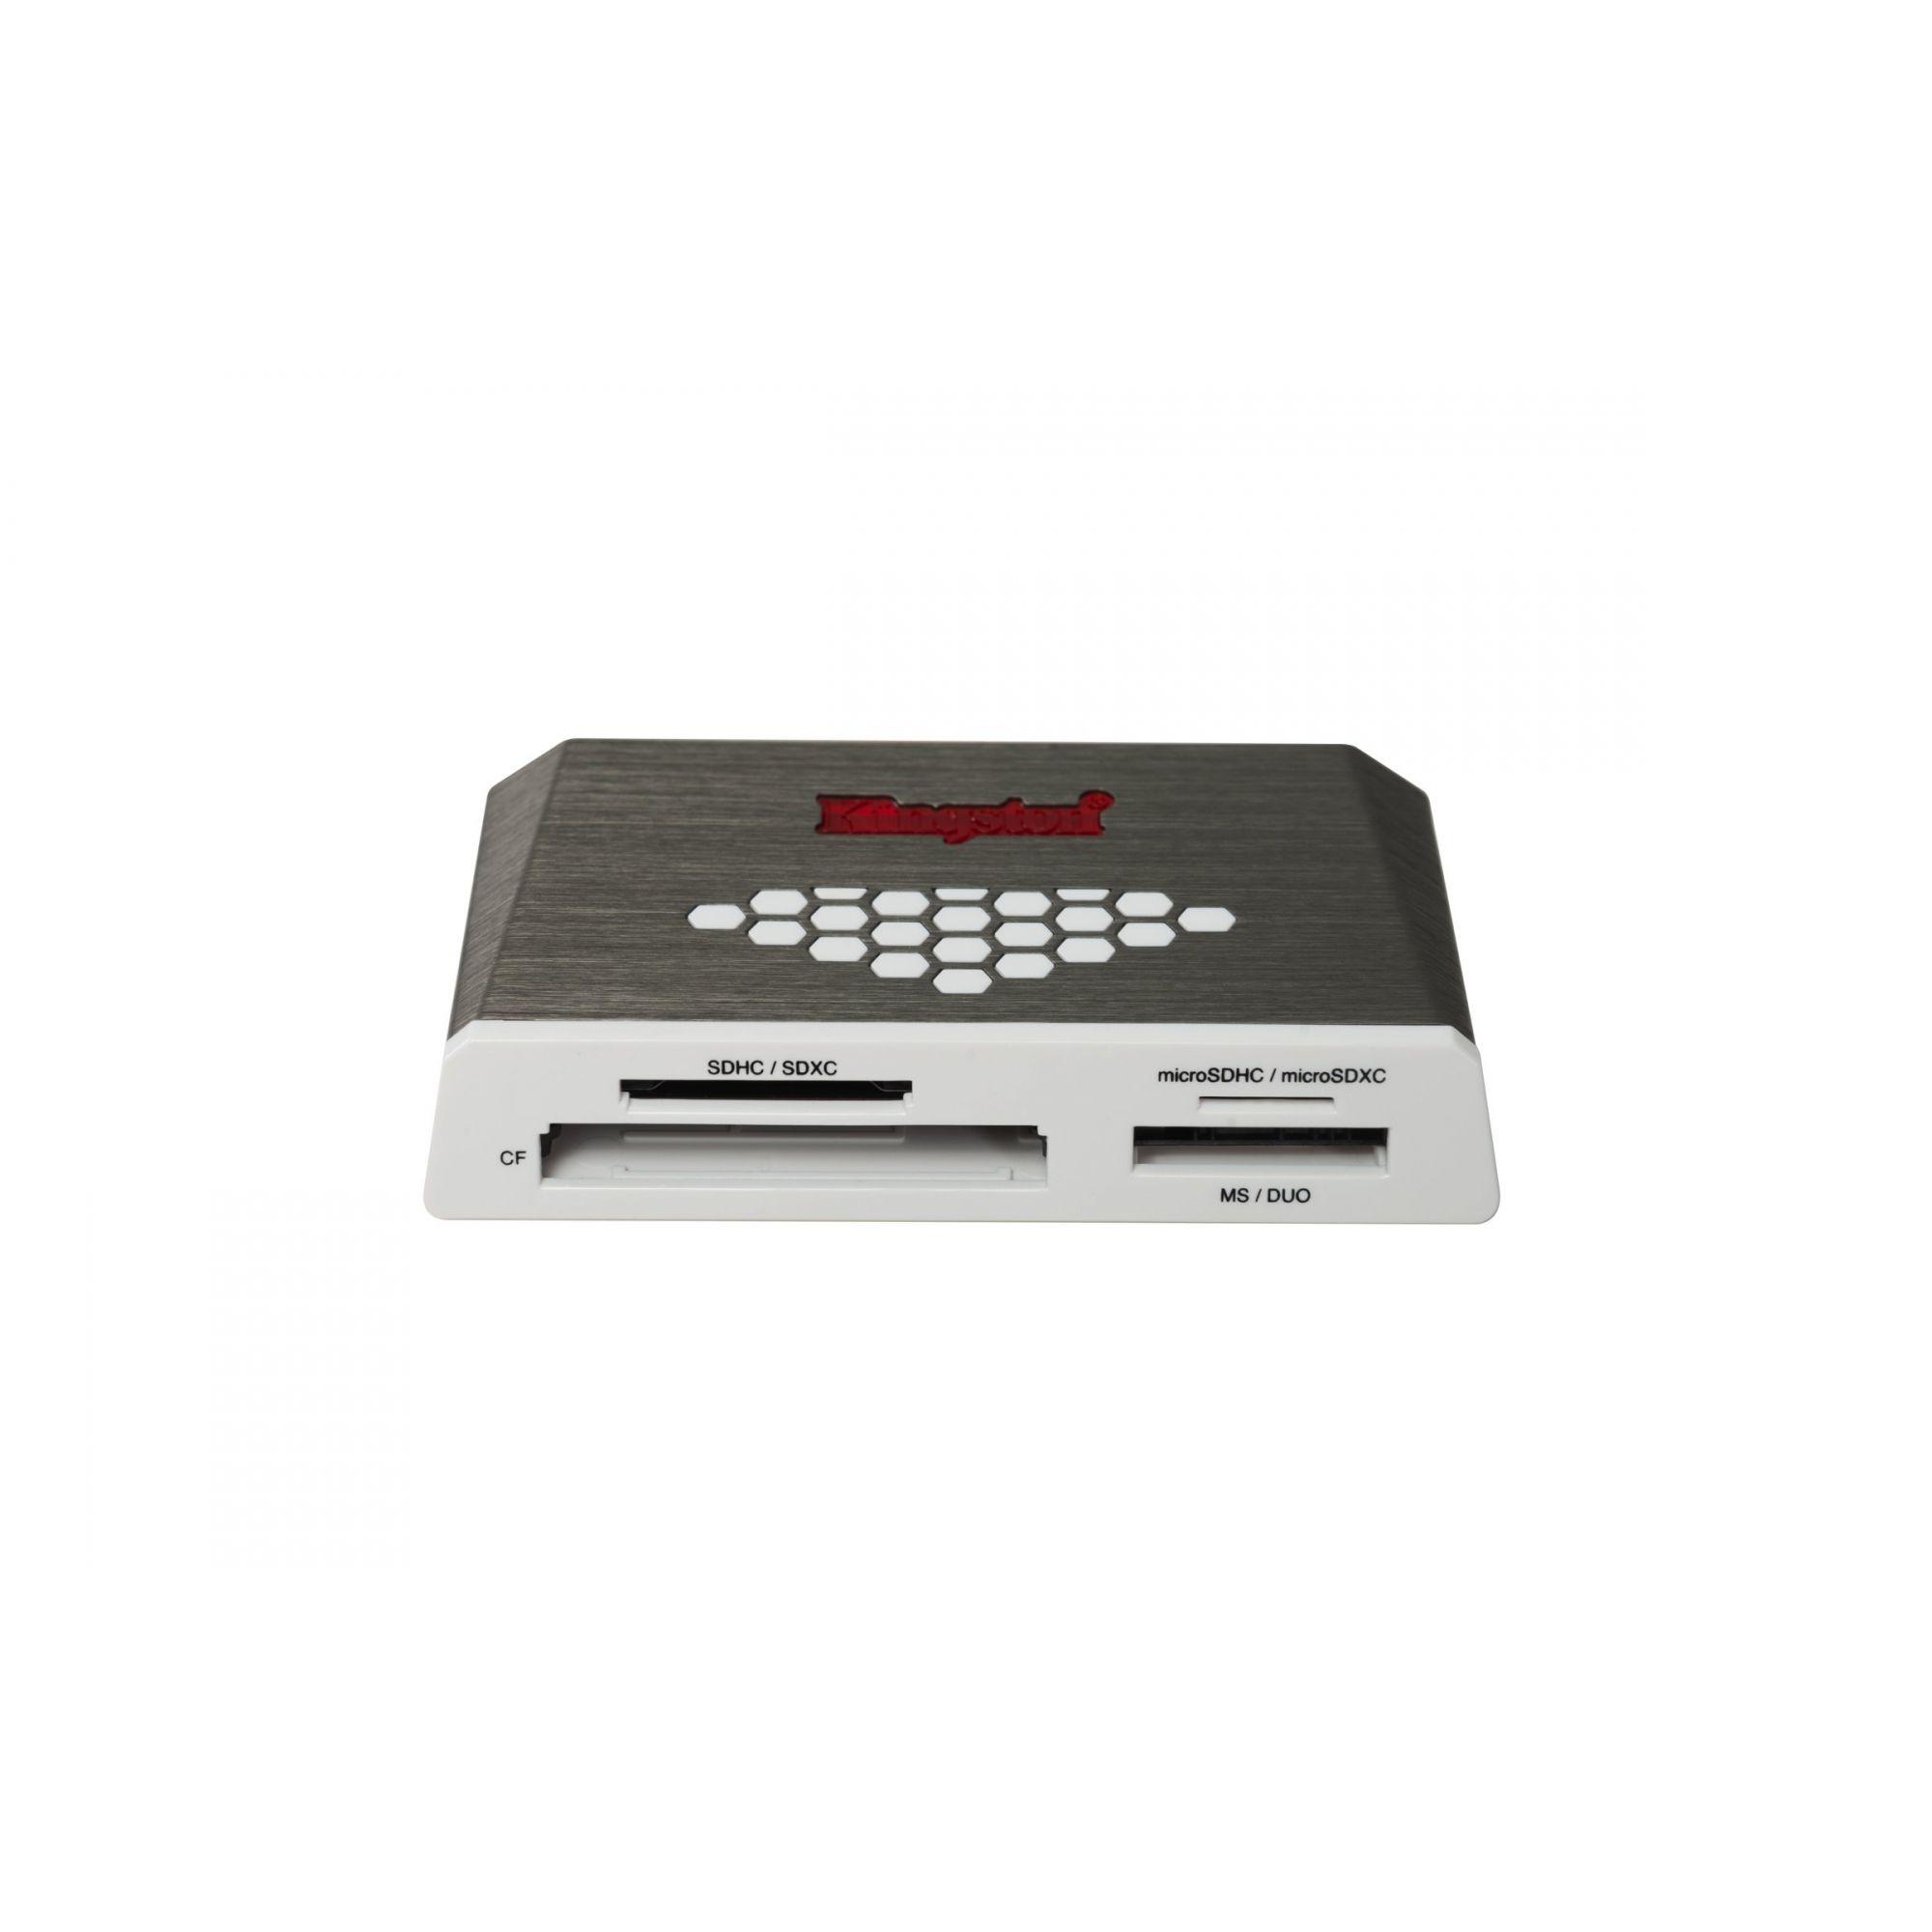 LEITOR DE CARTÕES KINGSTON ORIGINAL USB 3.0 DE ALTA VELOCIDADE FCR-HS4